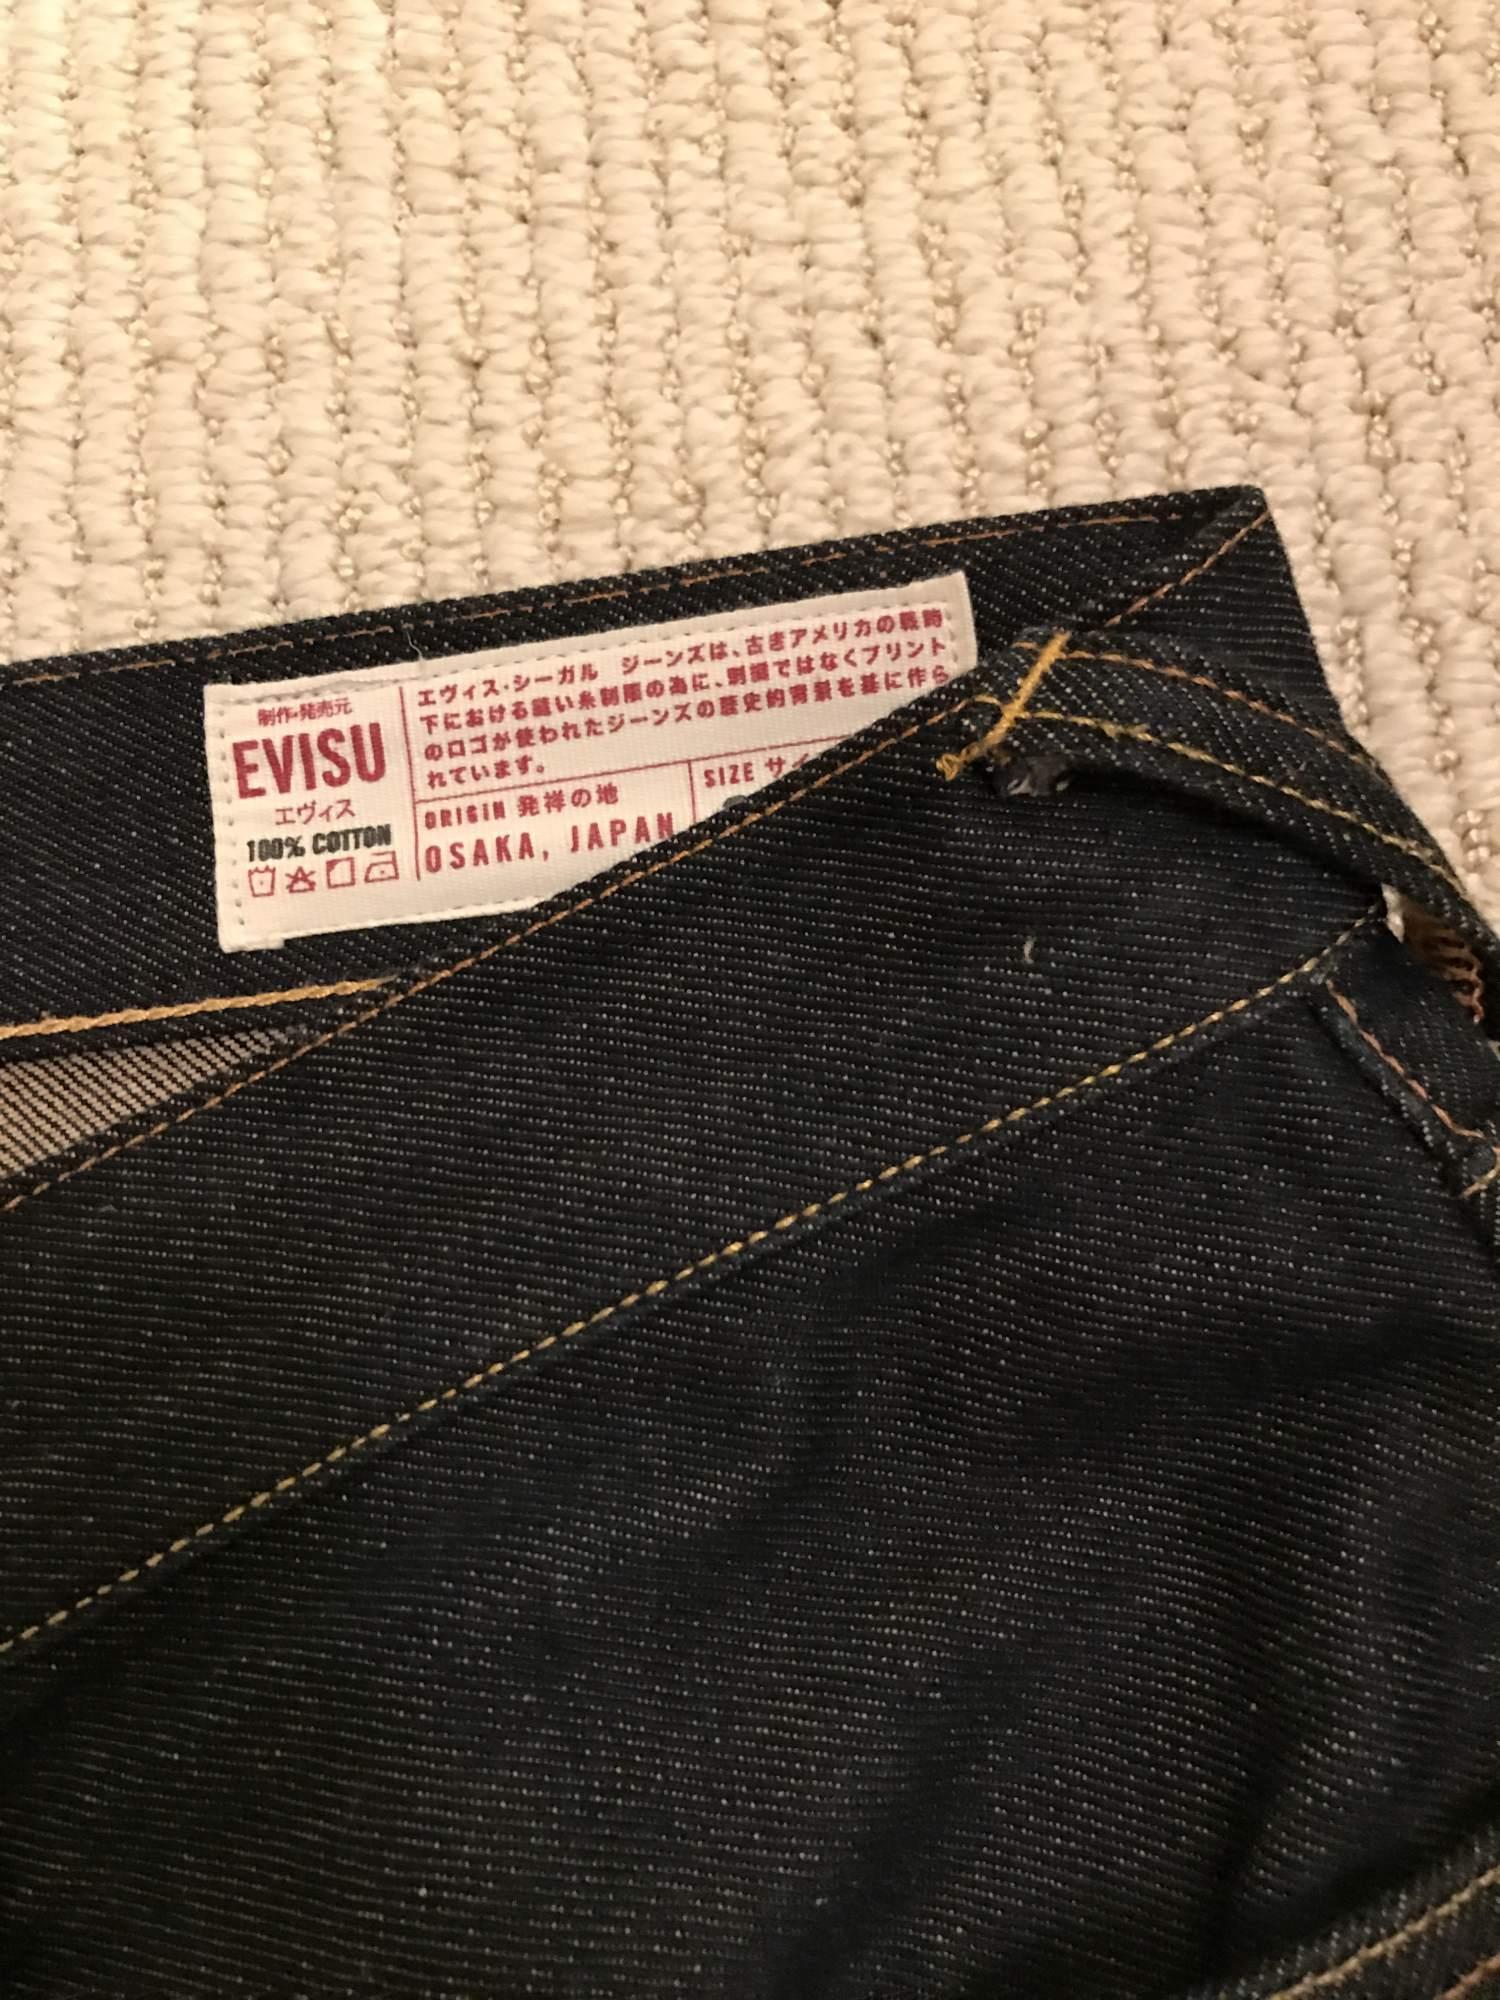 7ed28bfa25bc Evisu Jeans Osaka